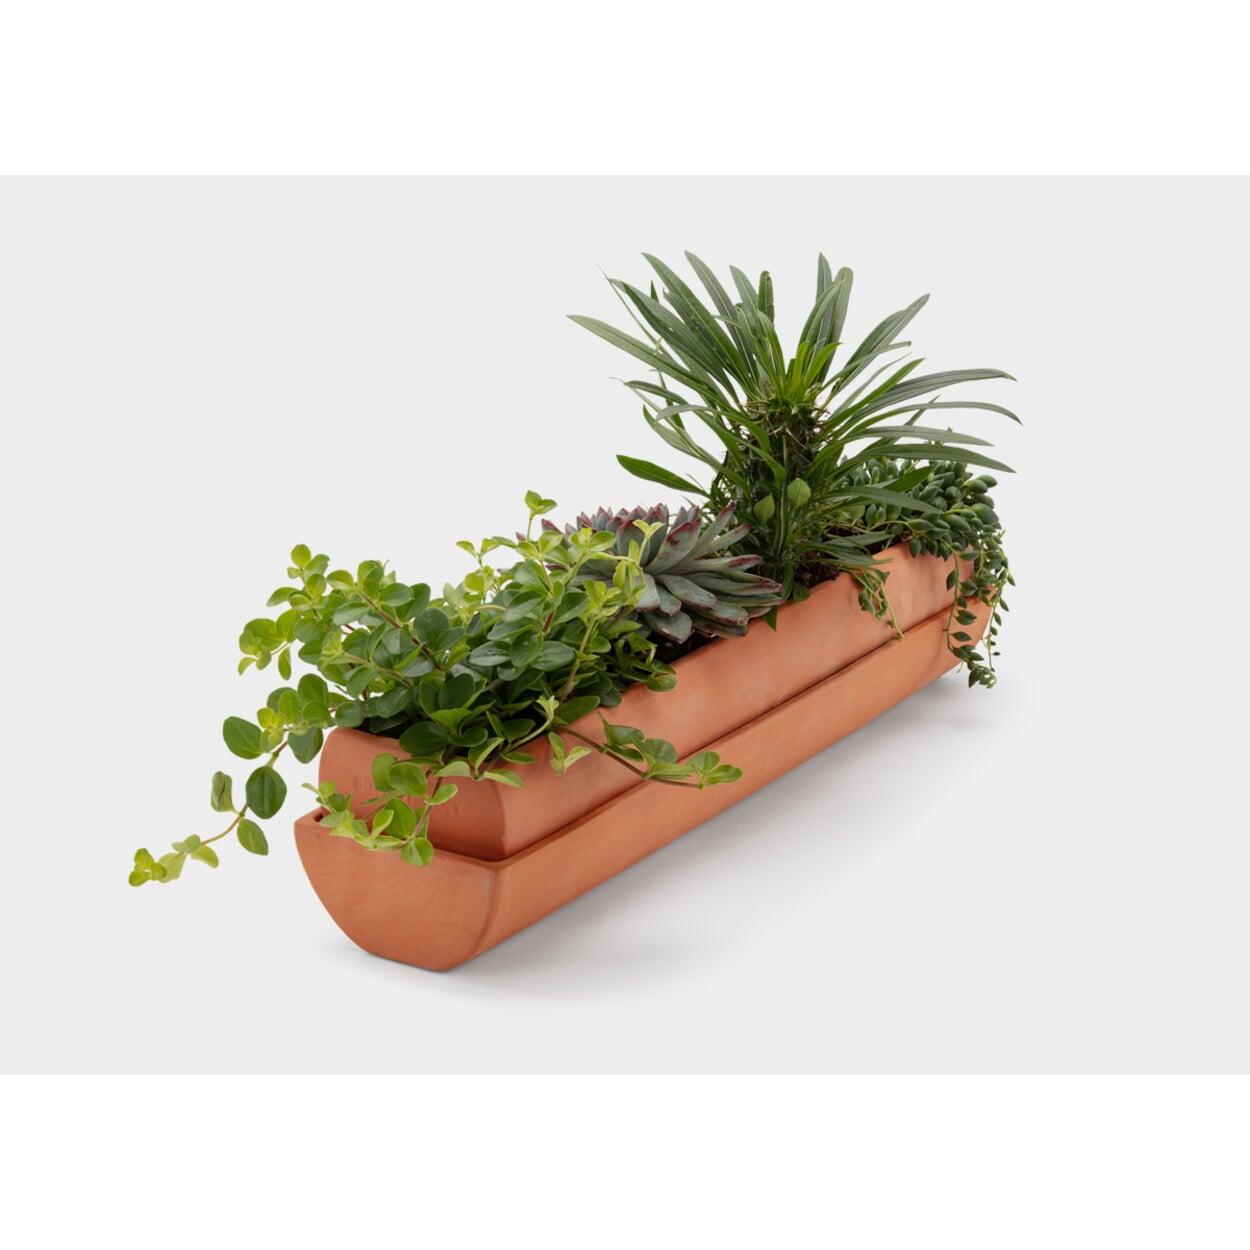 Pflanzgefäß zum Stellen und Hängen